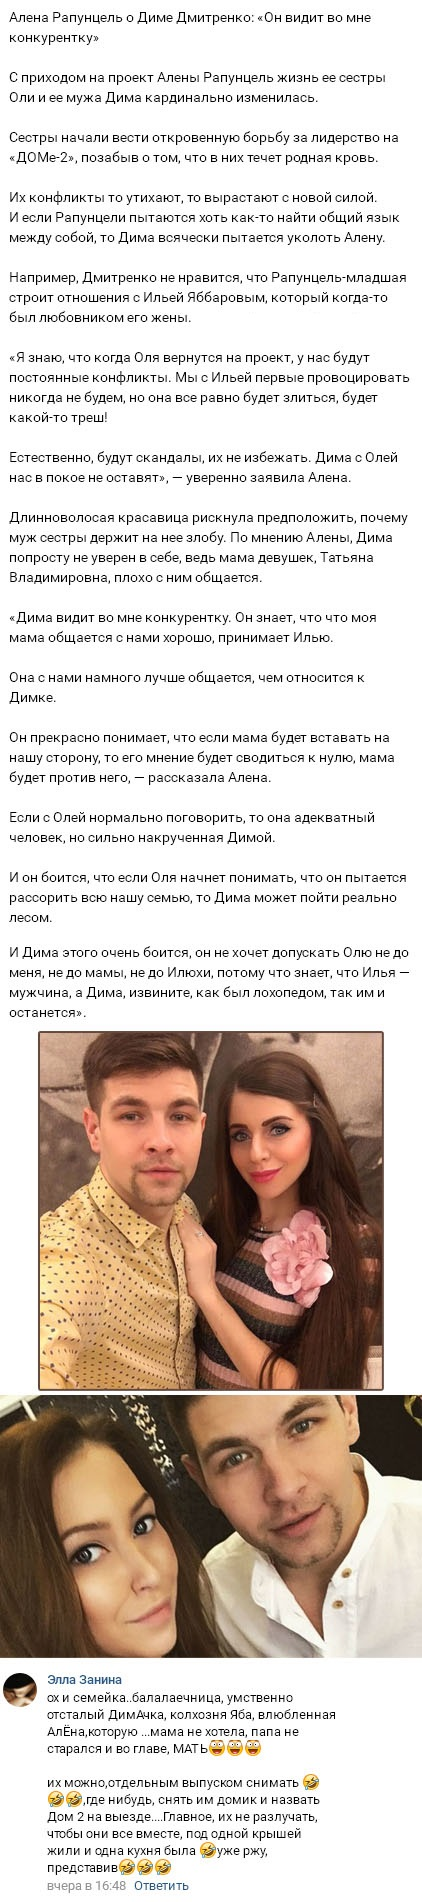 Почему Дмитрий Дмитренко так открыто ненавидит Алену Савкину